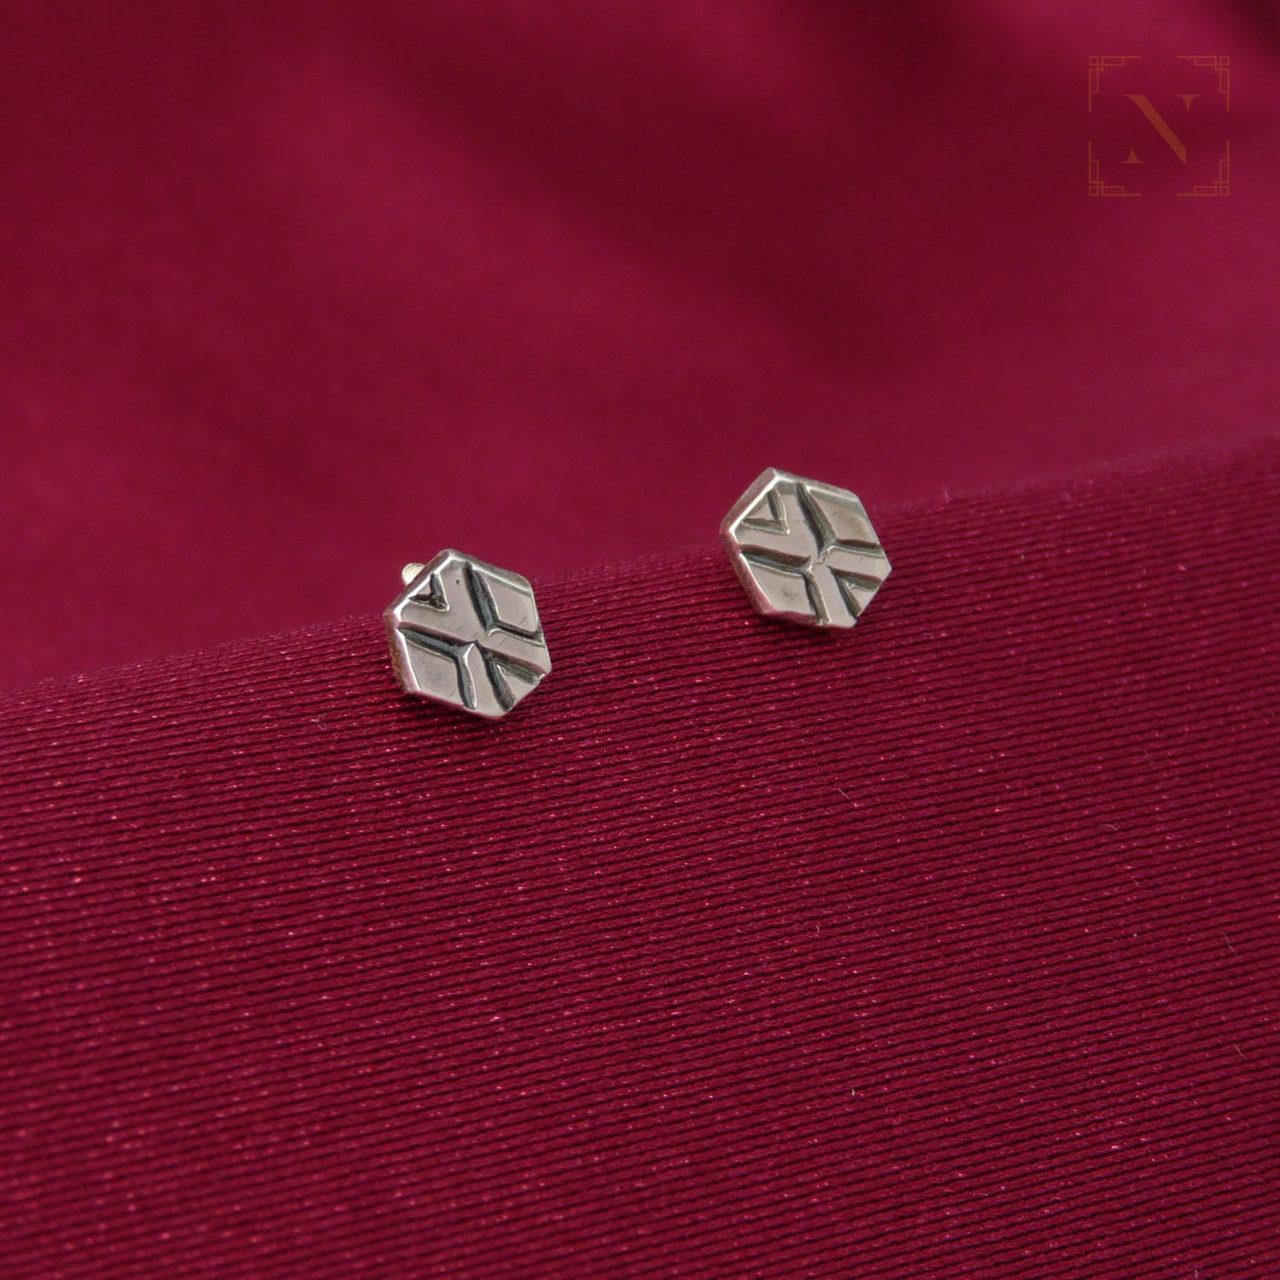 Drobné puzetové naušncie ze stříbra Ag 925/1000 se vzorem zvýrazněným patinou.